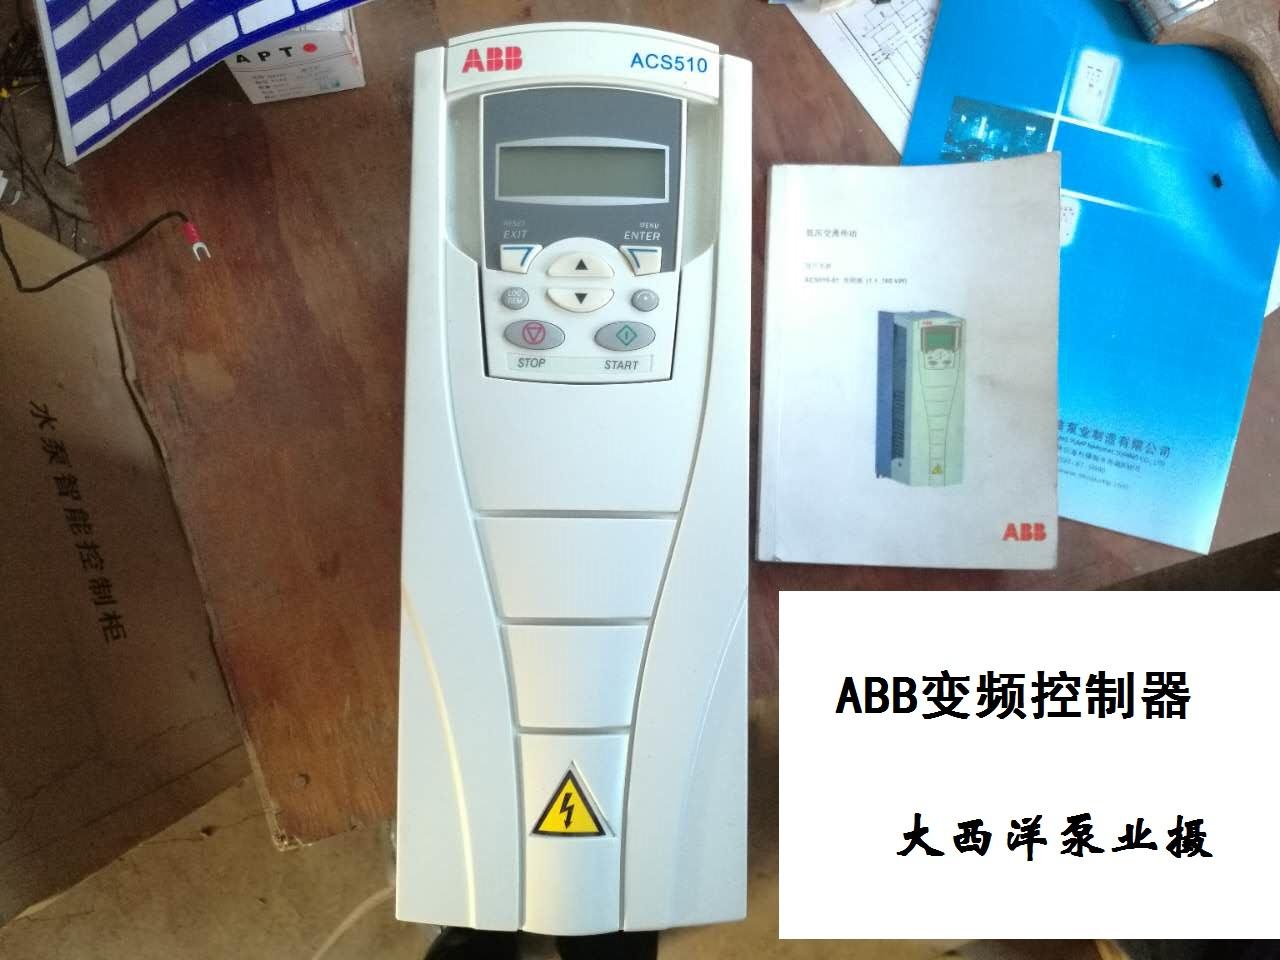 无负压abb变频控制柜接线图及故障问题调试方法